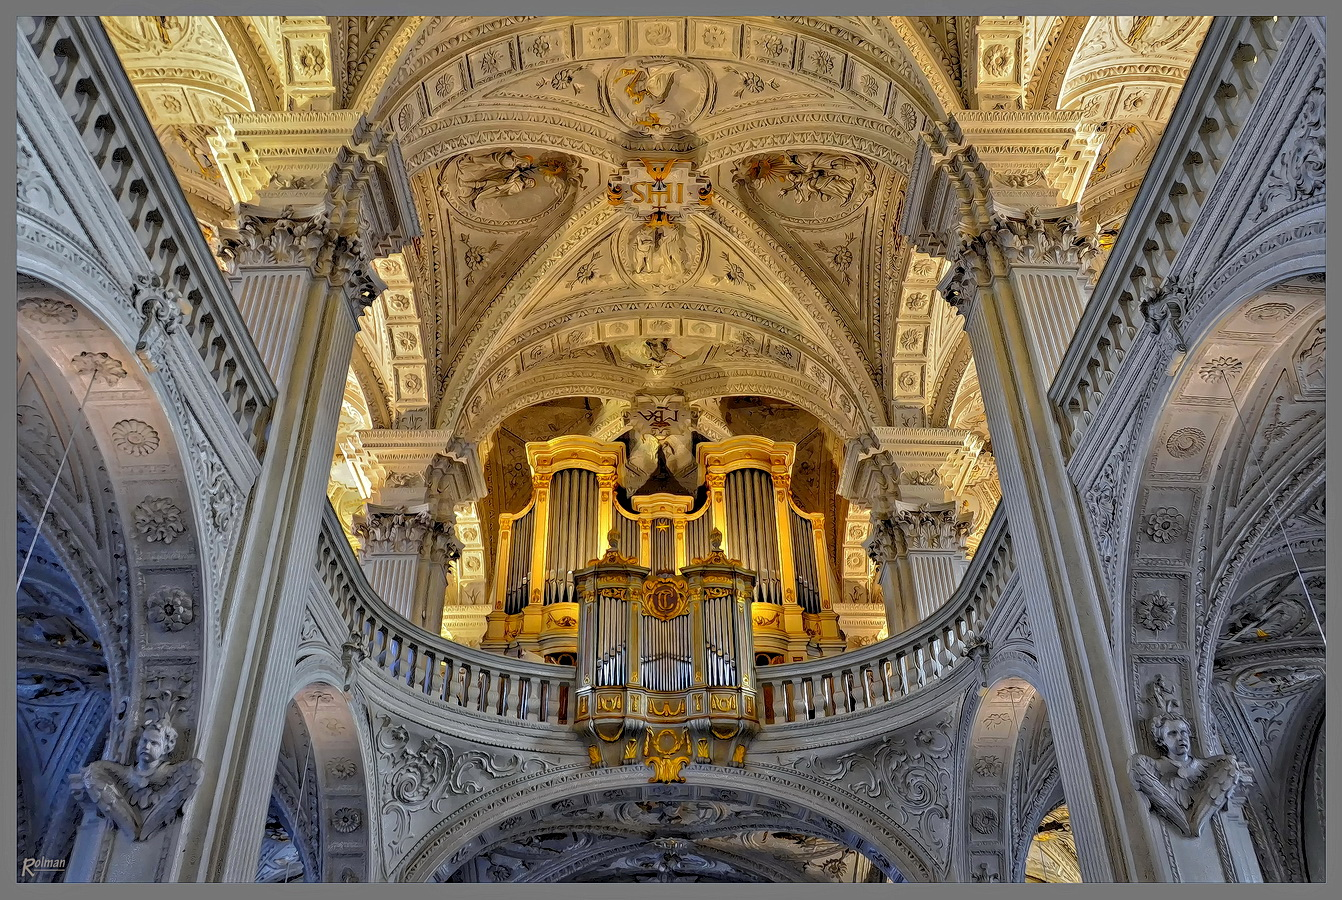 Die Beckerath Orgel